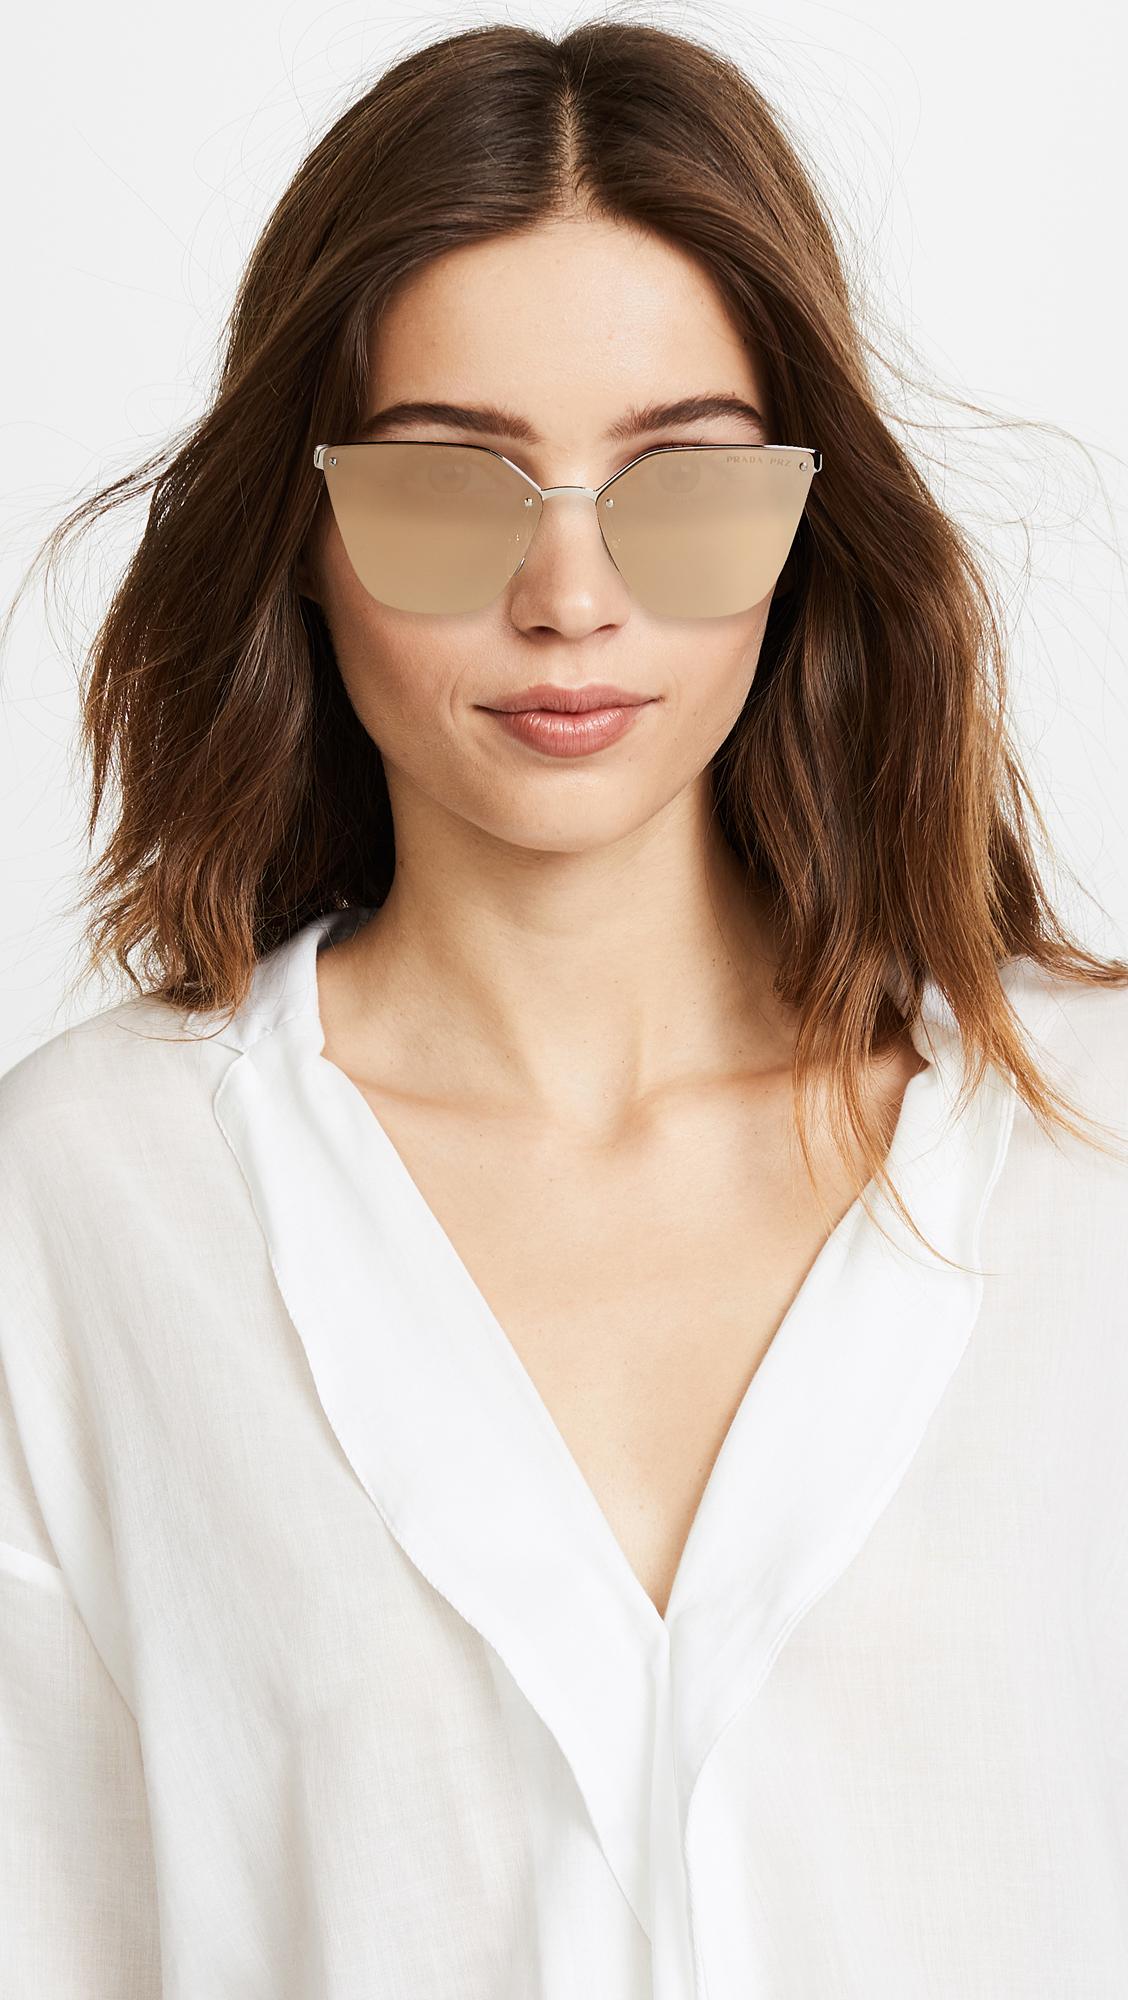 040437caa804c Prada Cinema Evolution Sunglasses